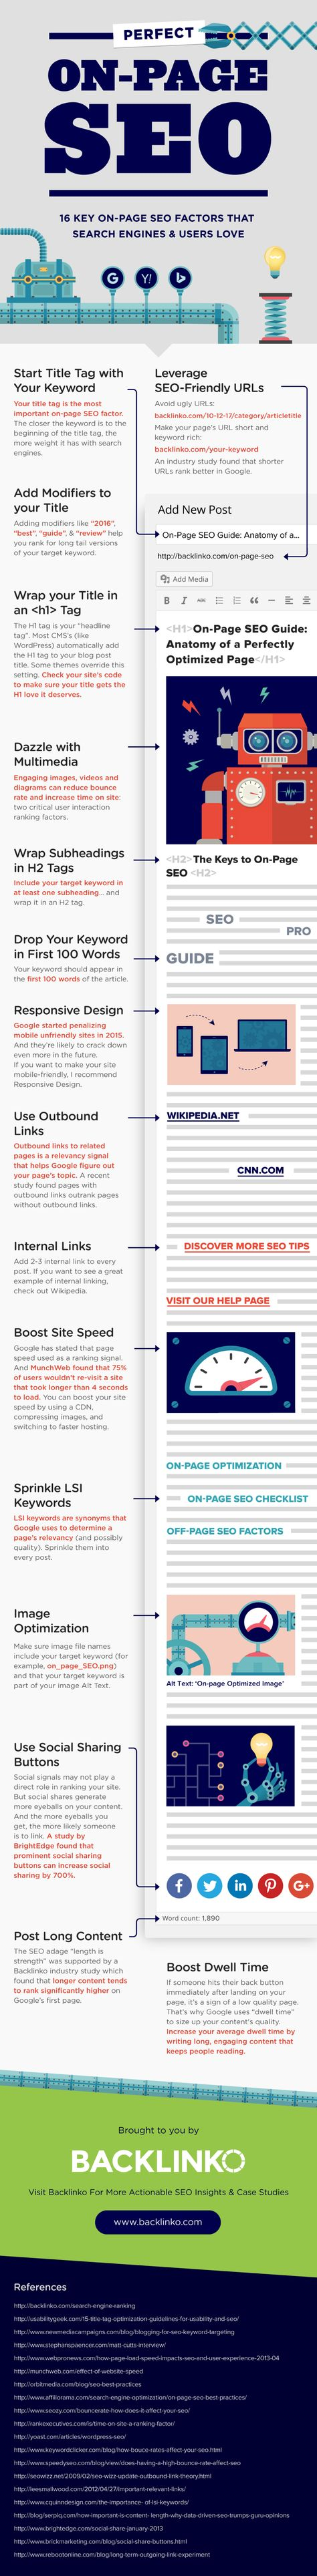 Infographie(s) : Anatomie d'une page web Optimisée SEO - Actualités SEO et moteurs - Abondance